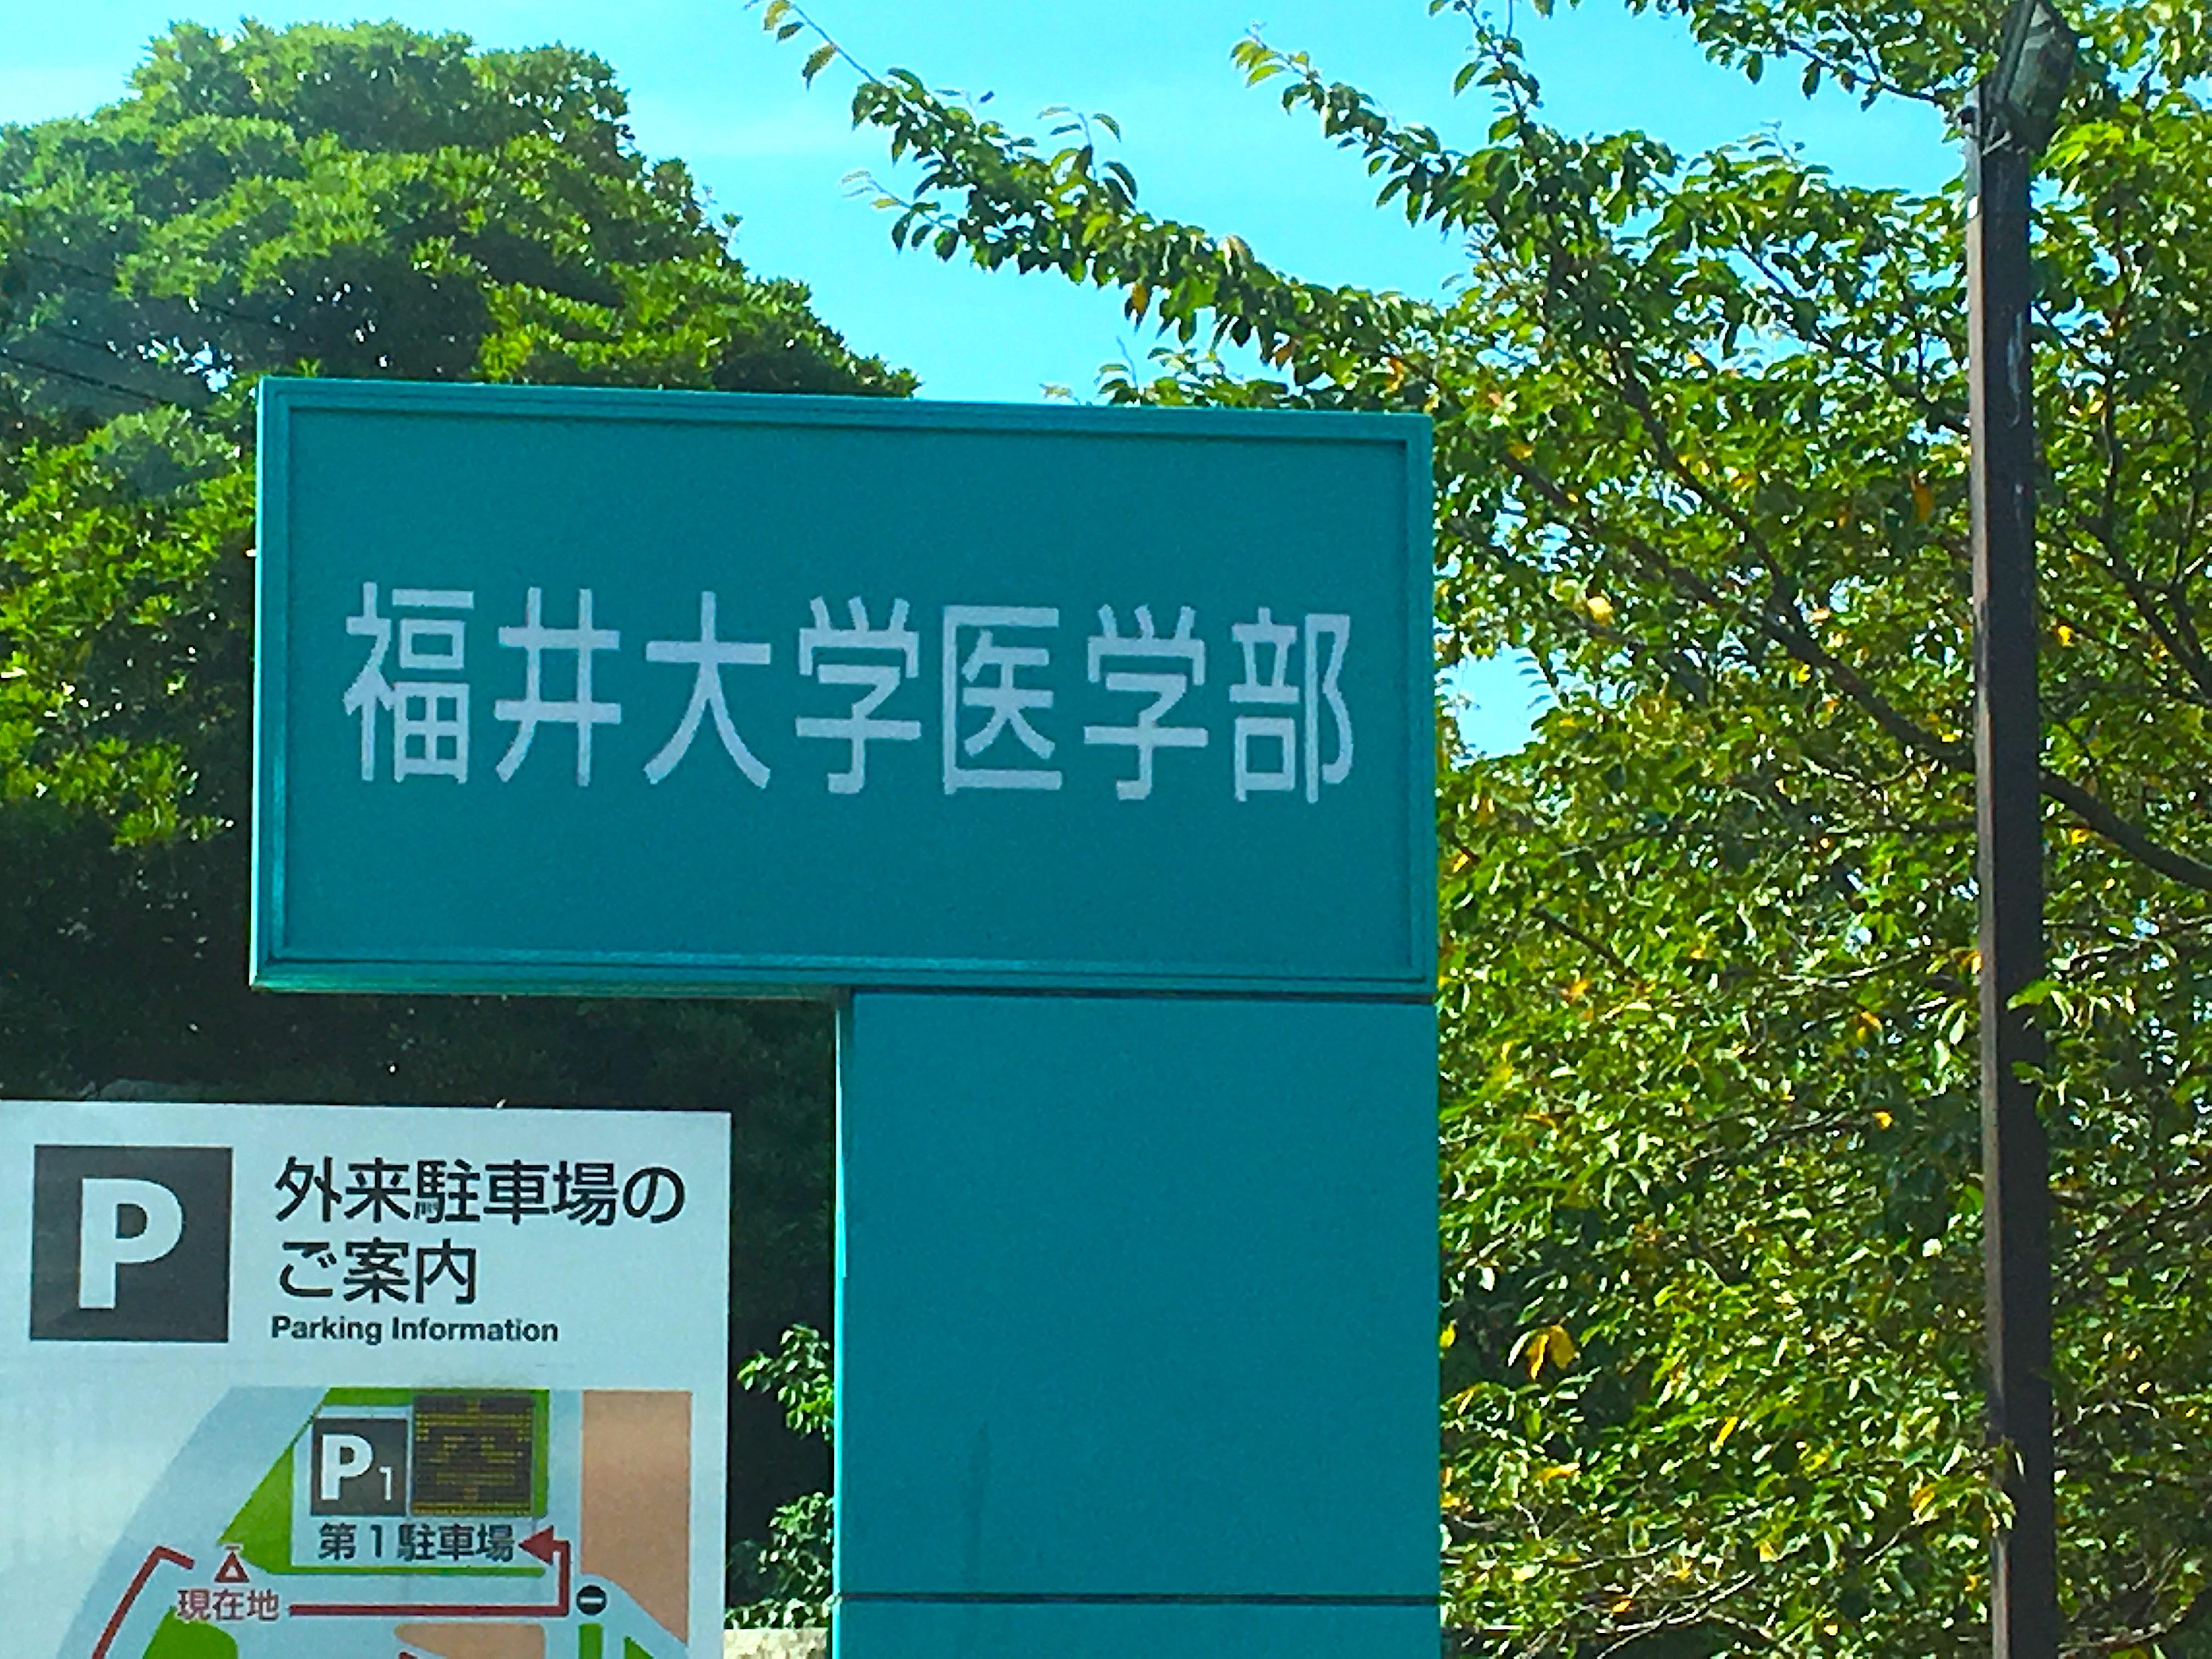 福井大学受験記 2017.9.9 (土)